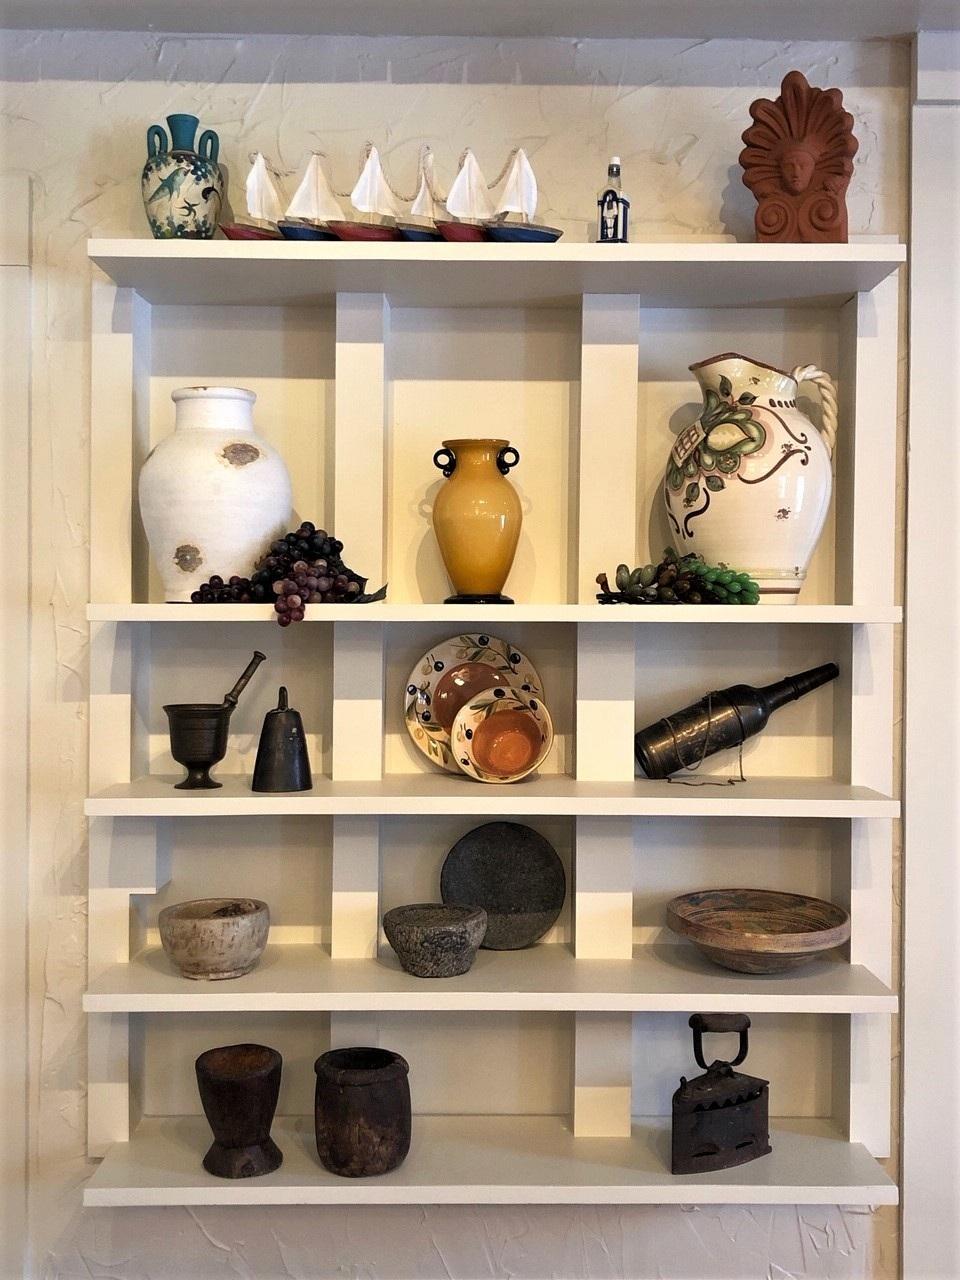 back+room+shelves.jpg